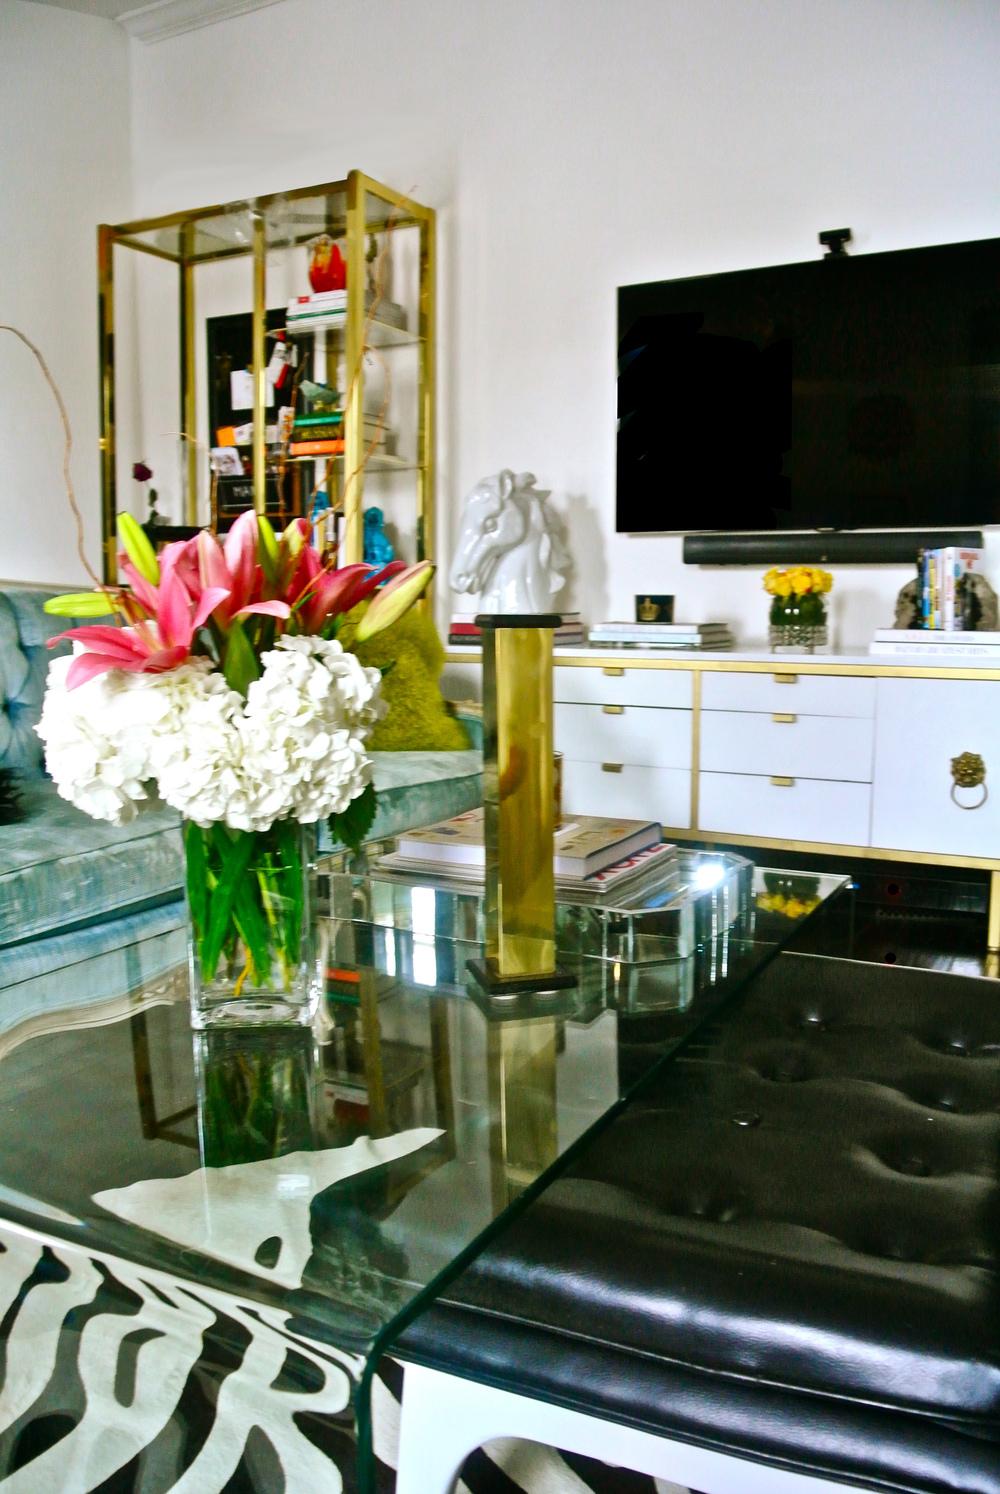 anyak-home-tour-Livingroom3.jpg